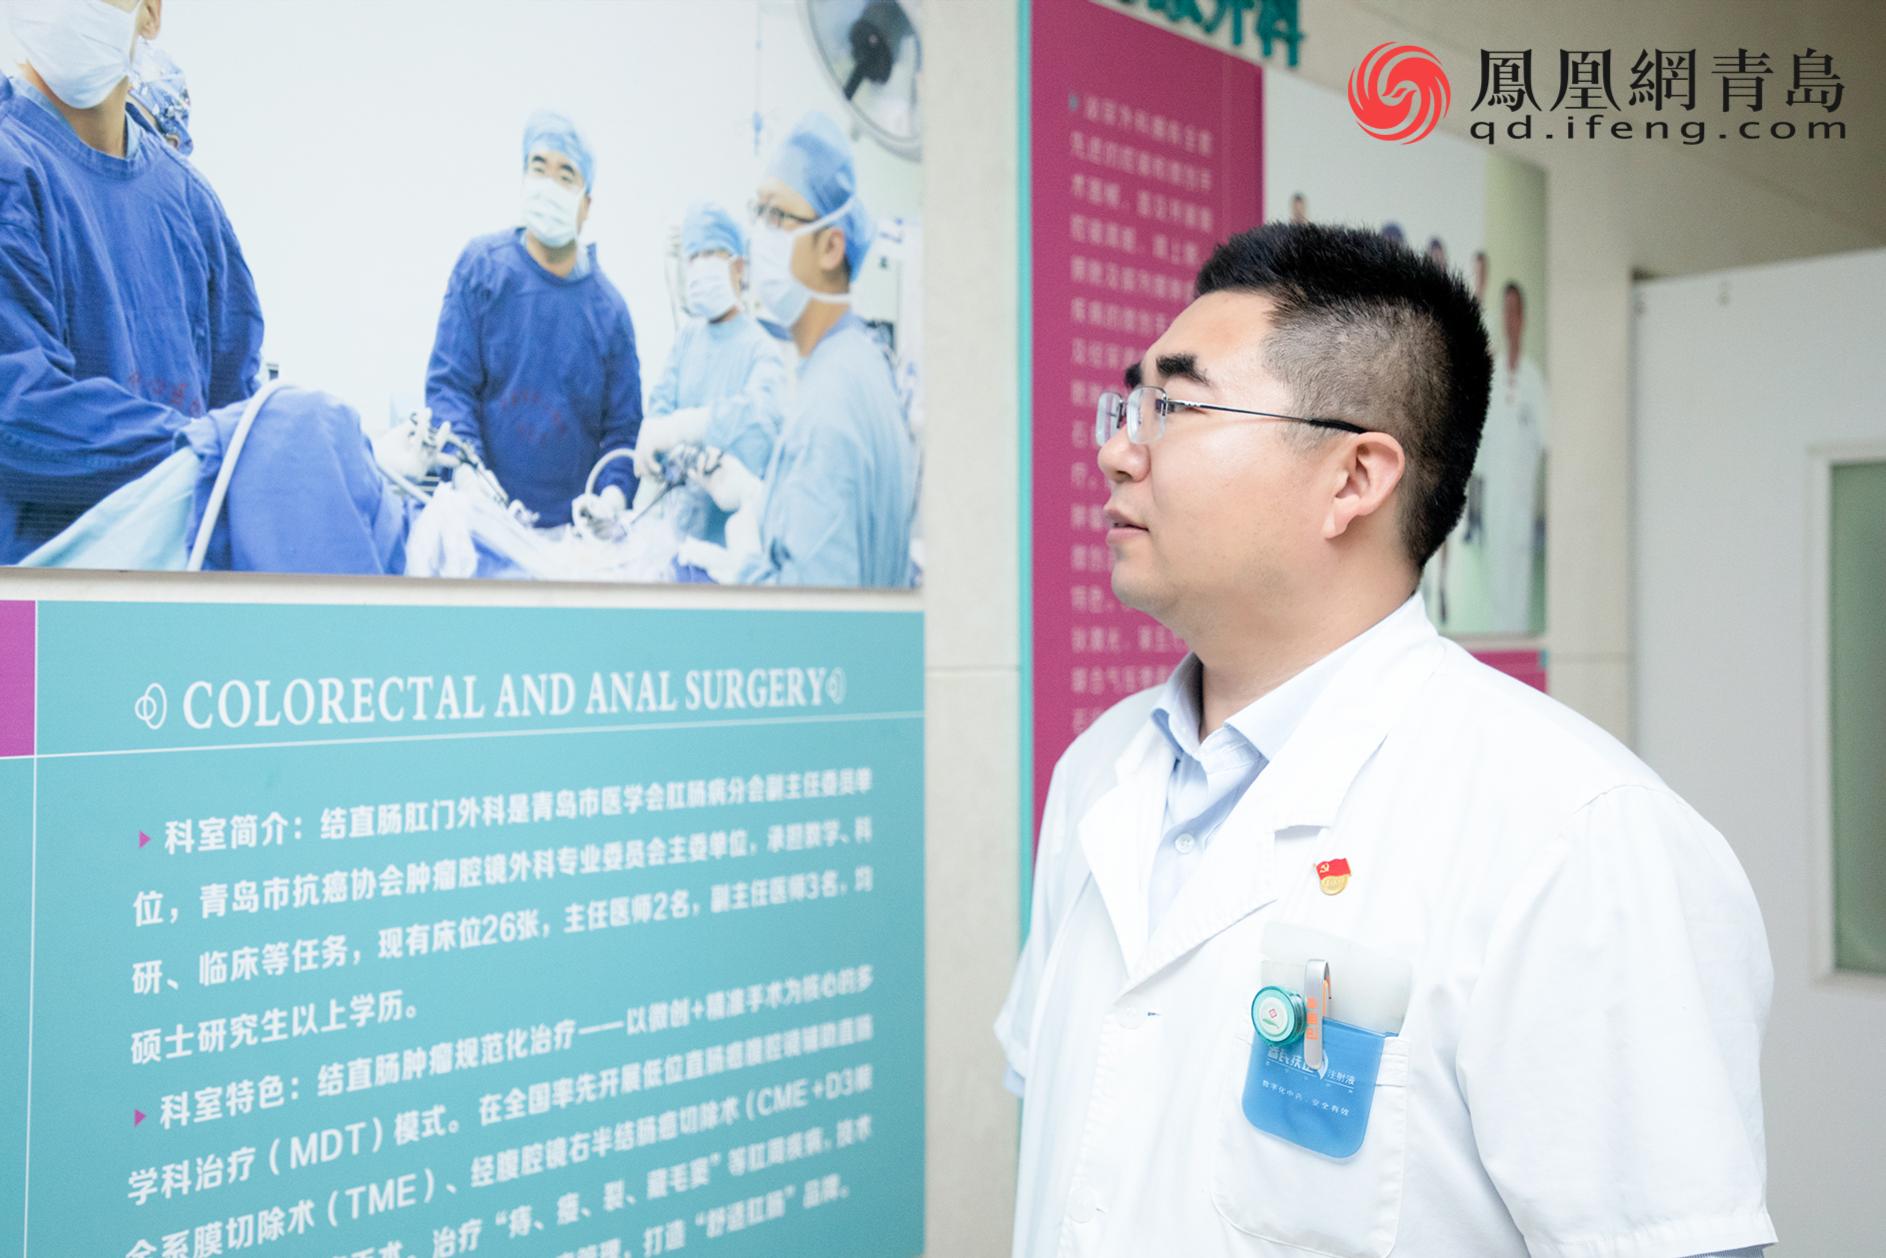 青岛市中心医院王志伟:体谅患者的焦虑和无助,做他们的健康守护人